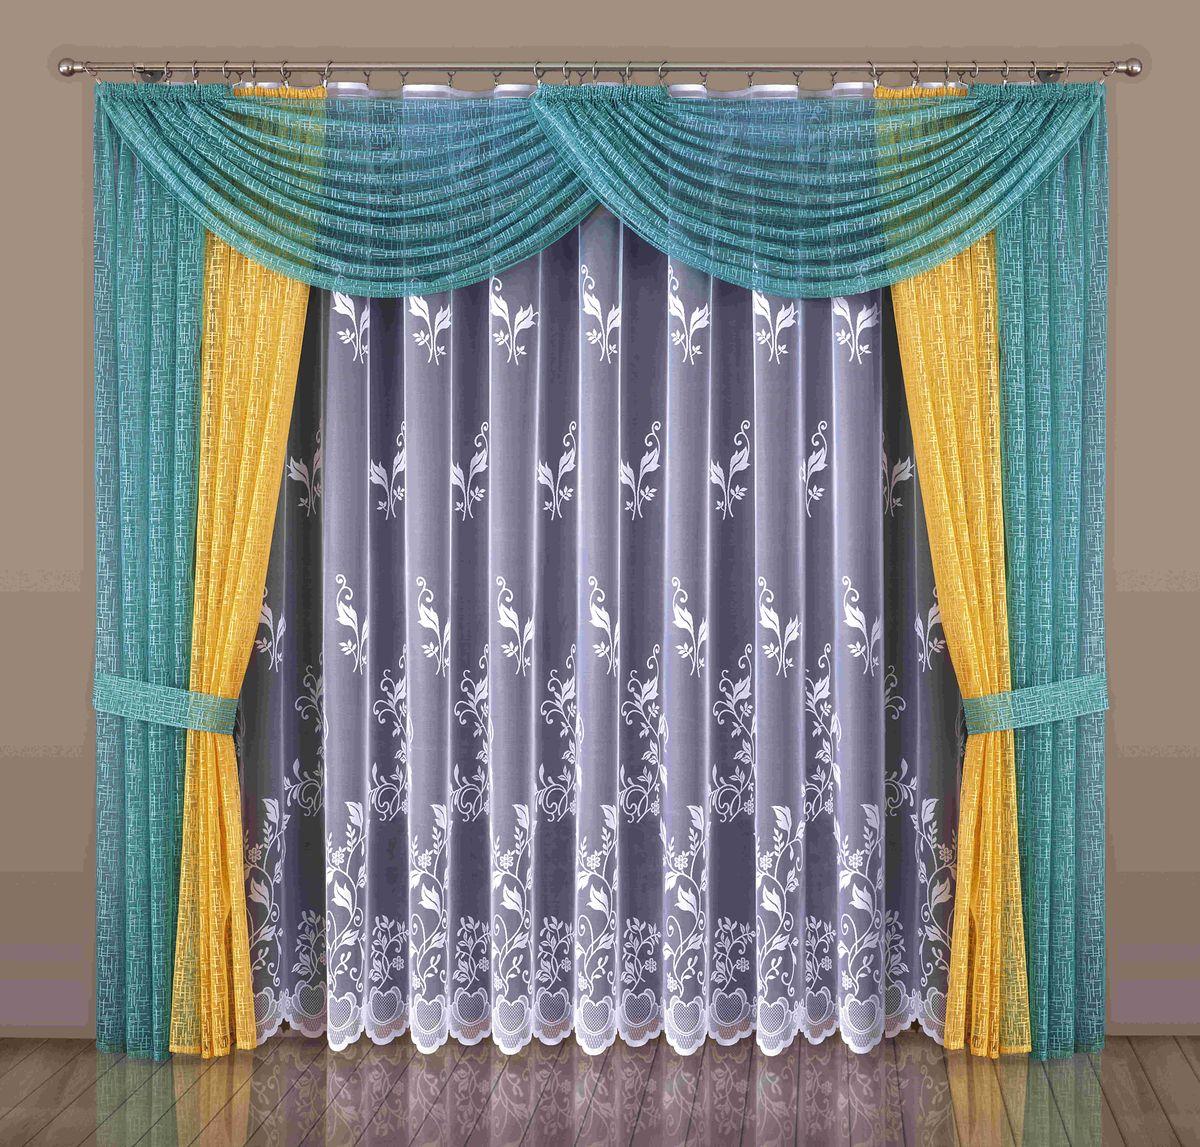 Комплект штор Wisan Maryla, на ленте, цвет: оранжевый, бирюзовый, высота 250 см10503Комплект штор Wisan Maryla выполненный из полиэстера, великолепно украсит любое окно. Тонкое плетение, оригинальный дизайн привлекут к себе внимание и органично впишутся в интерьер. Комплект состоит из 2 штор, тюля, ламбрекена и 2 подхватов. Кружевной узор придает комплекту особый стиль и шарм. Тонкое жаккардовое плетение, нежная цветовая гамма и роскошное исполнение - все это делает шторы Wisan Maryla замечательным дополнением интерьера помещения. Все предметы комплекта оснащены шторной лентой для красивой драпировки. В комплект входит: Штора - 2 шт. Размер (ШхВ): 250 см х 250 см. Тюль - 1 шт. Размер (ШхВ): 450 см х 250 см. Ламбрекен - 1 шт. Размер (ШхВ): 300 см х 55 см.Подхваты - 2 шт. Фирма Wisan на польском рынке существует уже более пятидесяти лет и является одной из лучших польских фабрик по производству штор и тканей. Ассортимент фирмы представлен готовыми комплектами штор для гостиной, детской, кухни, а также текстилем для кухни (скатерти, салфетки, дорожки, кухонные занавески). Модельный ряд отличает оригинальный дизайн, высокое качество. Ассортимент продукции постоянно пополняется.